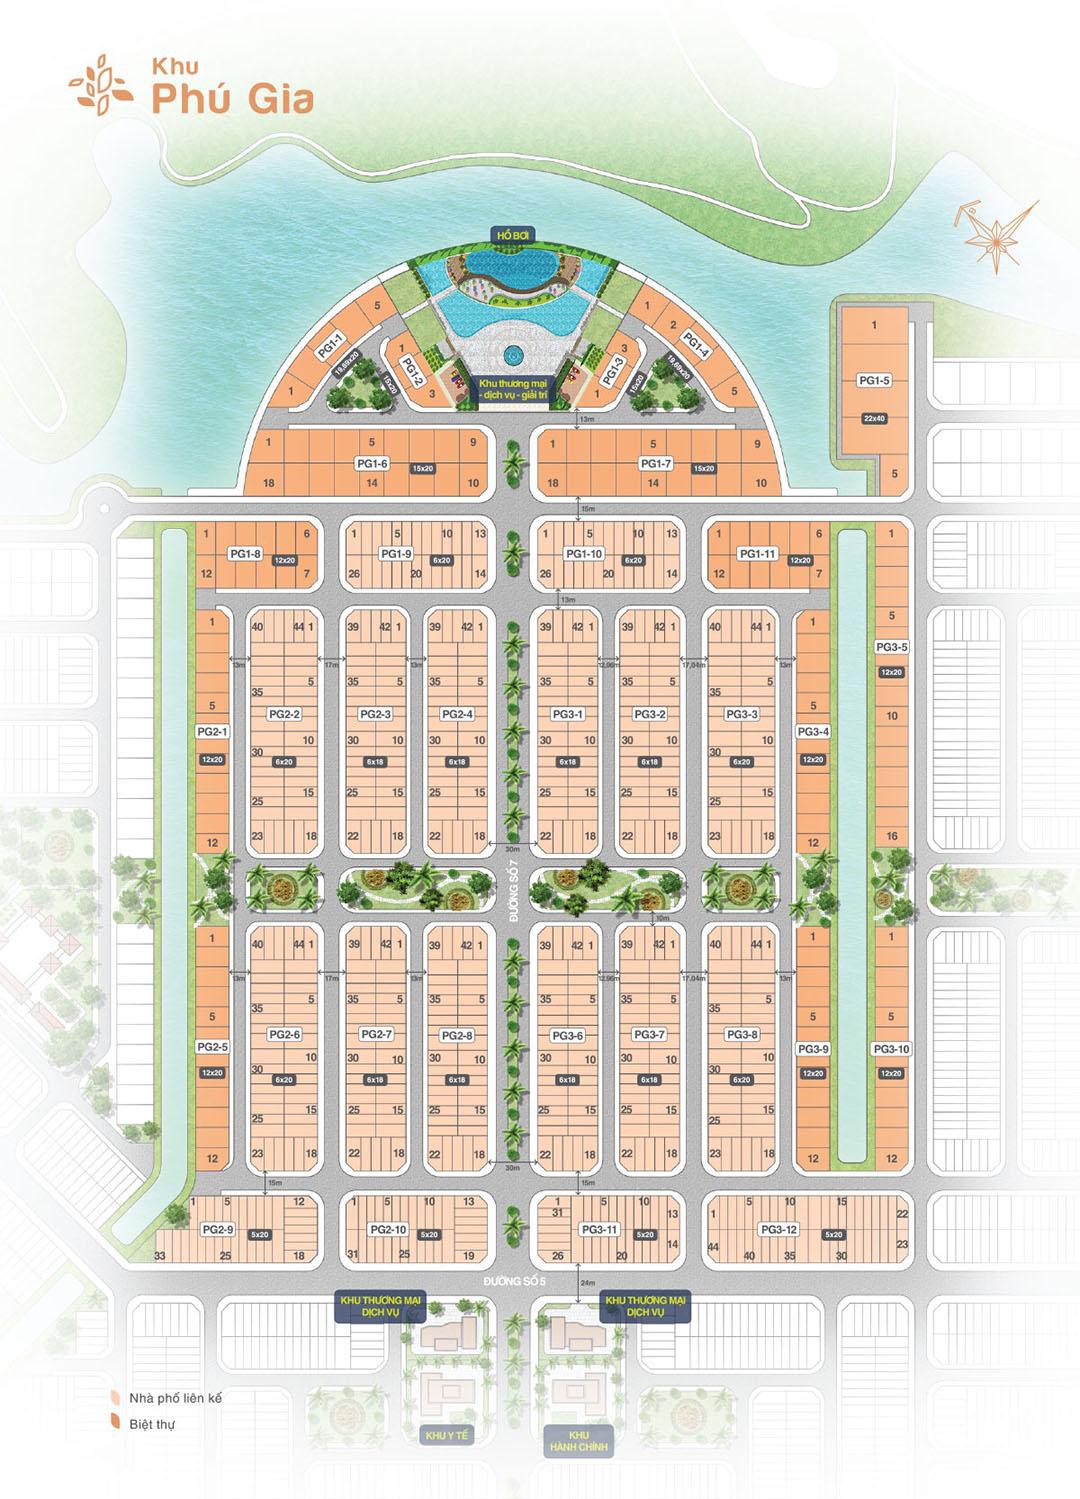 Mặt bằng khu Phú Gia dự án Biên Hòa New City